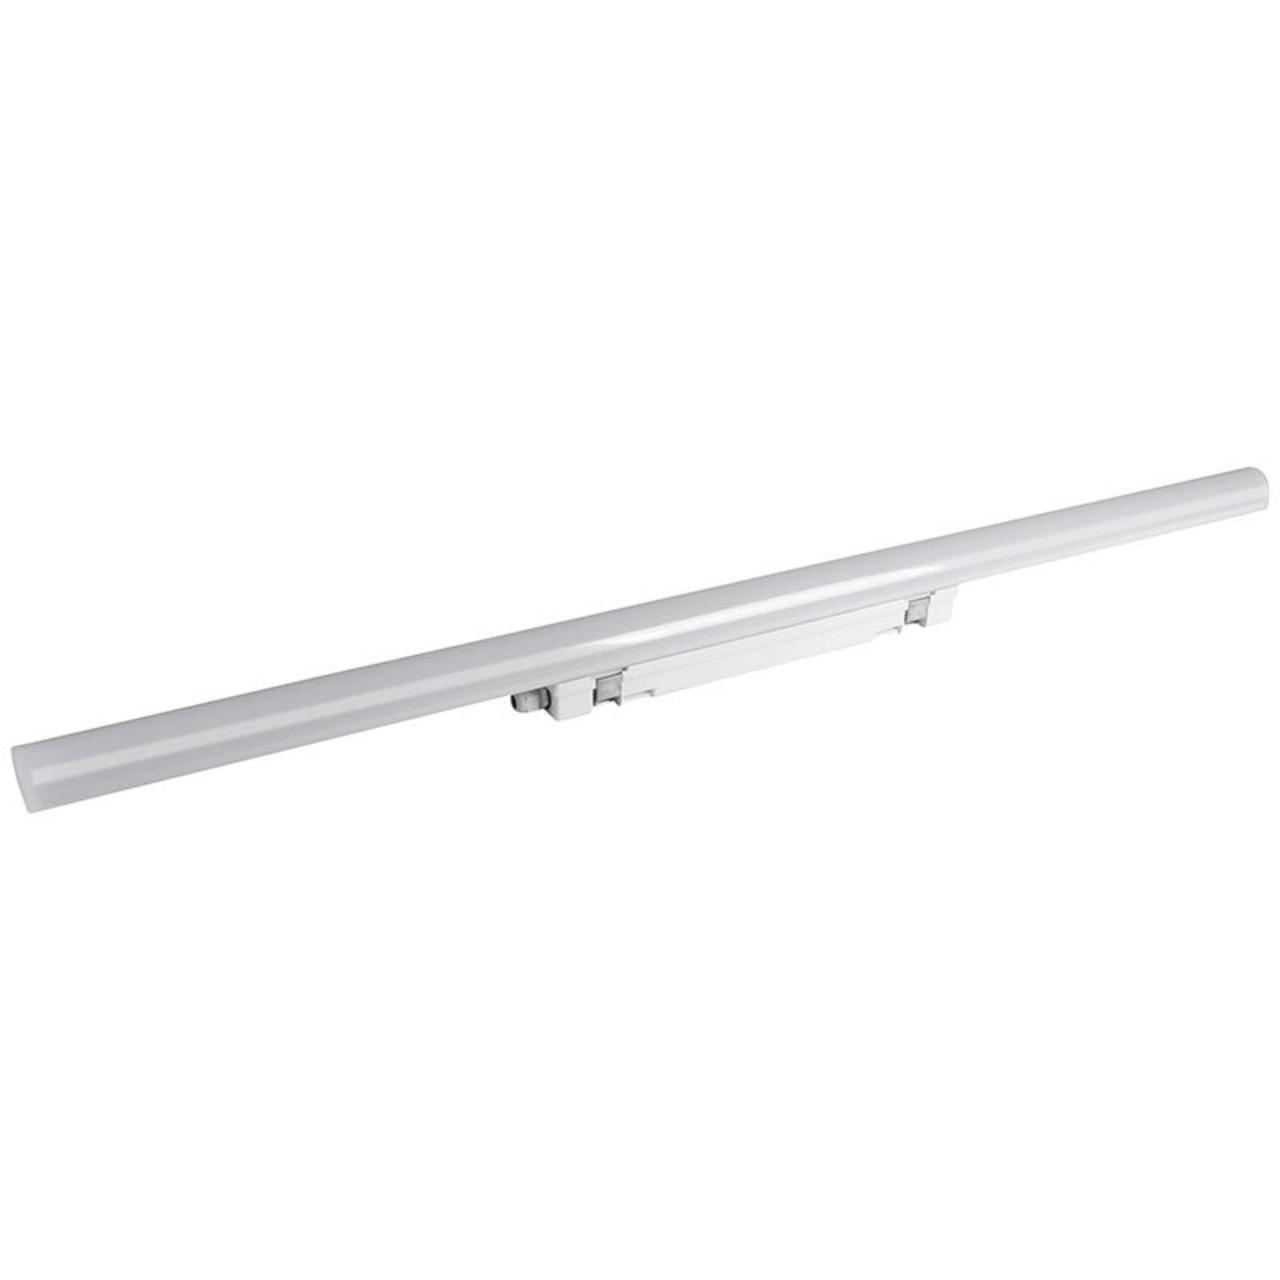 Müller Licht 40-W-LED-Feuchtraumwannenleuchte- 120 cm- neutralweiss